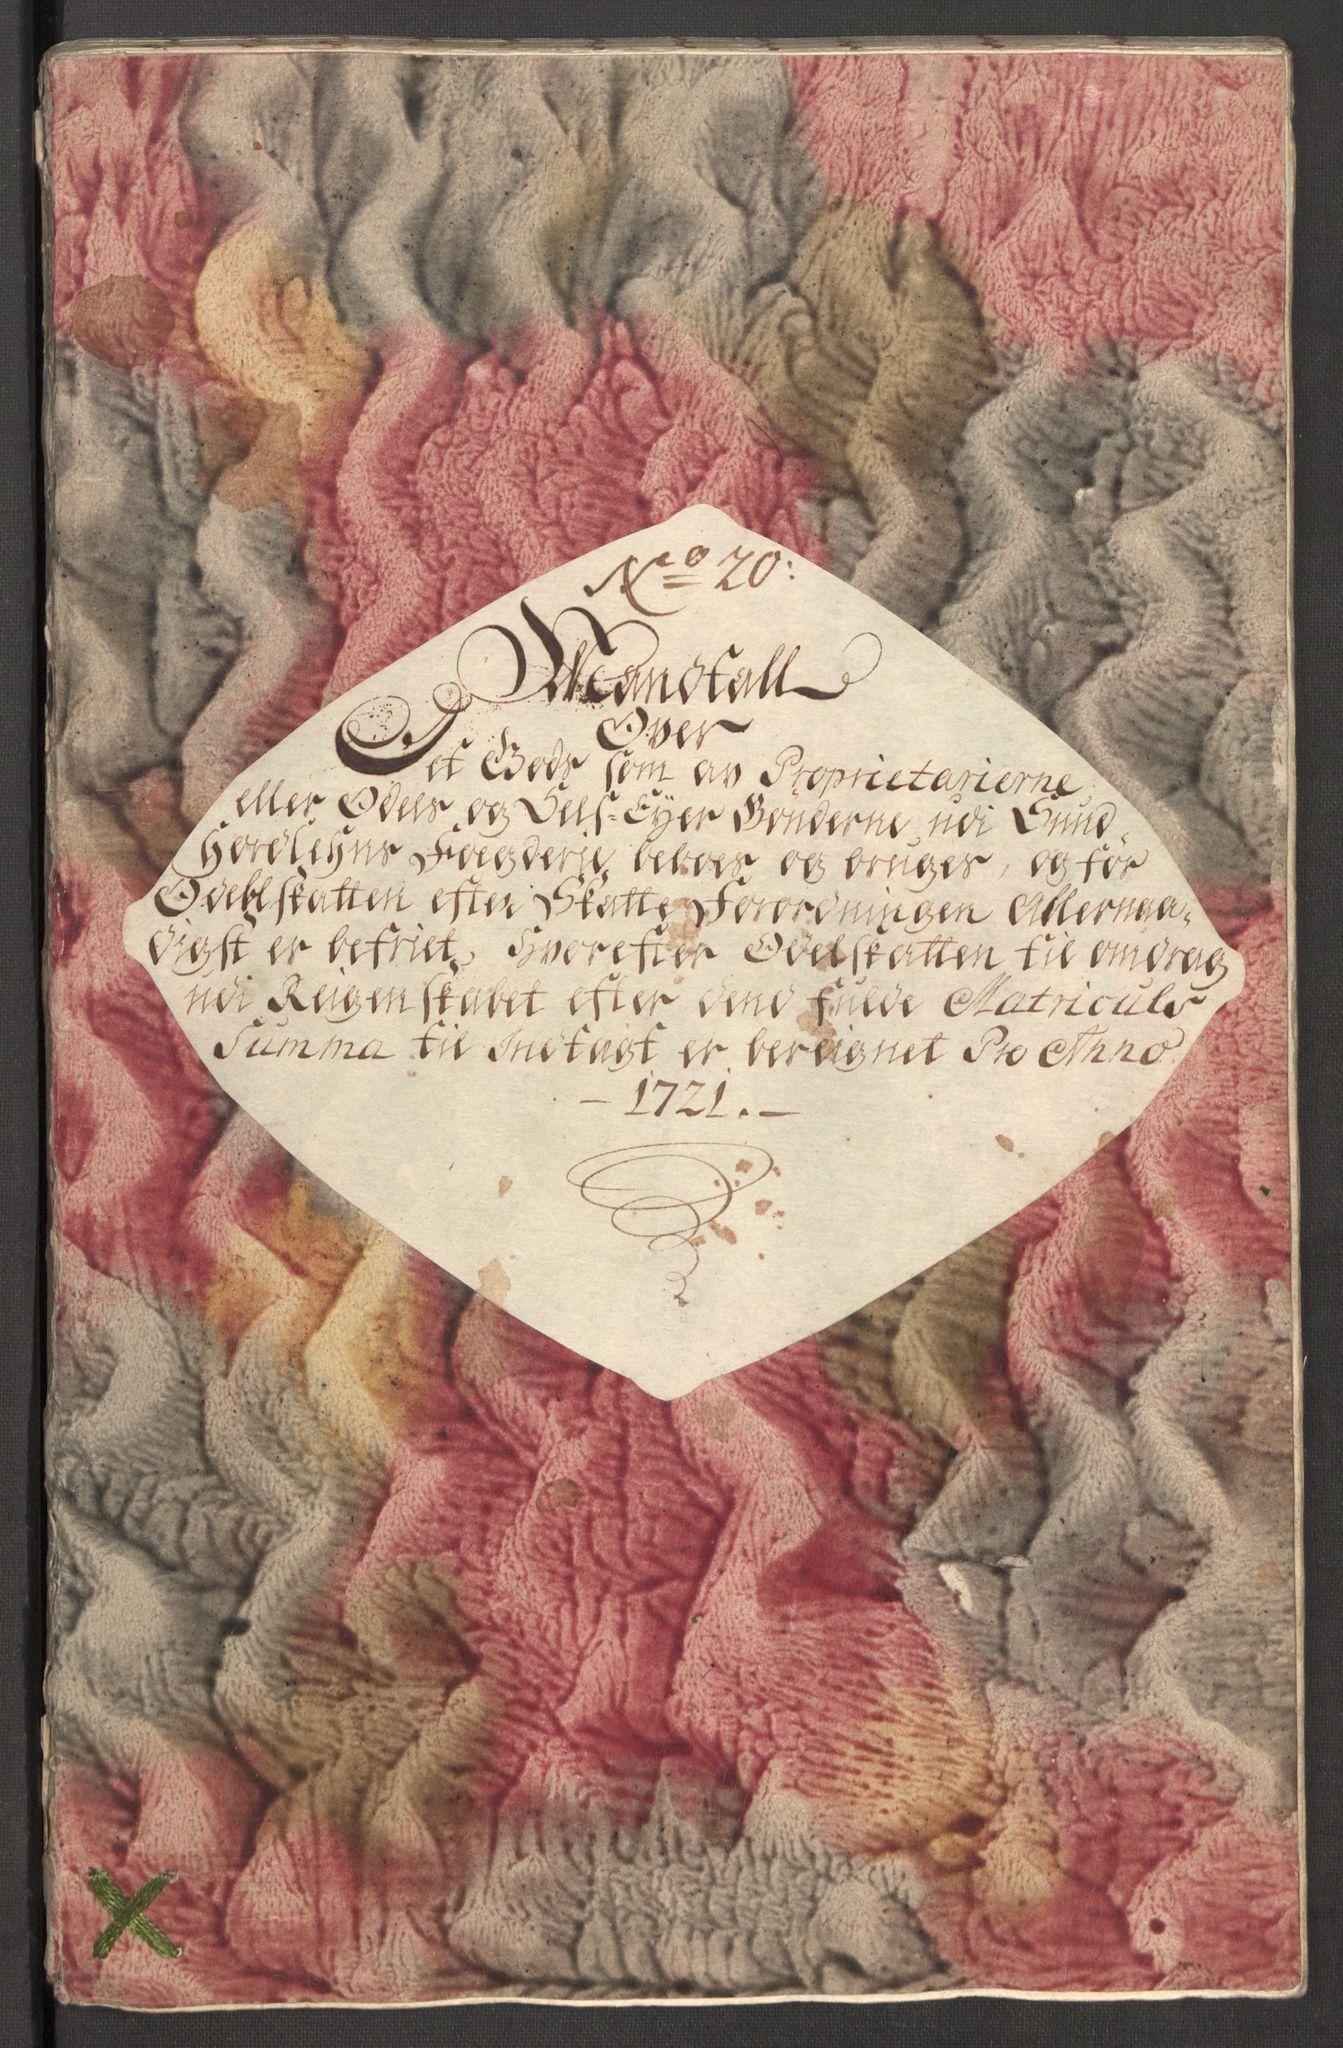 RA, Rentekammeret inntil 1814, Reviderte regnskaper, Fogderegnskap, R48/L3000: Fogderegnskap Sunnhordland og Hardanger, 1721, s. 212